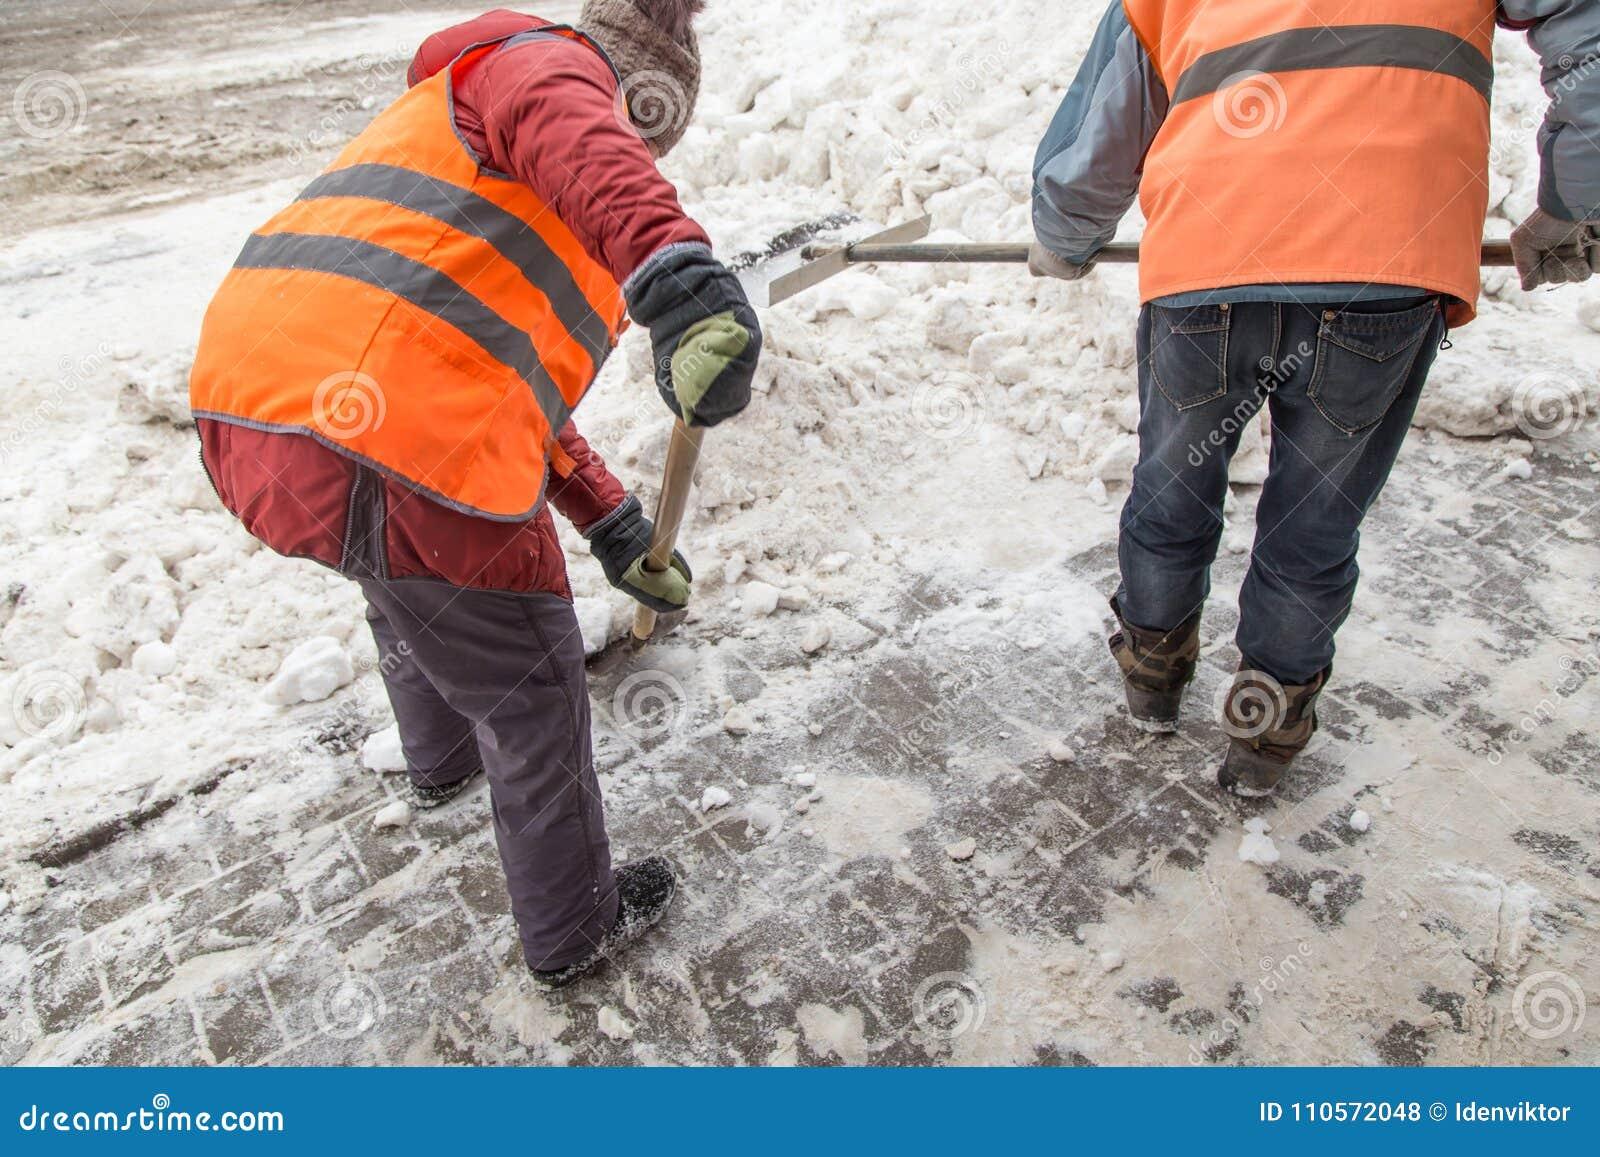 Folk som skyfflar snö efter ett tungt snöfall